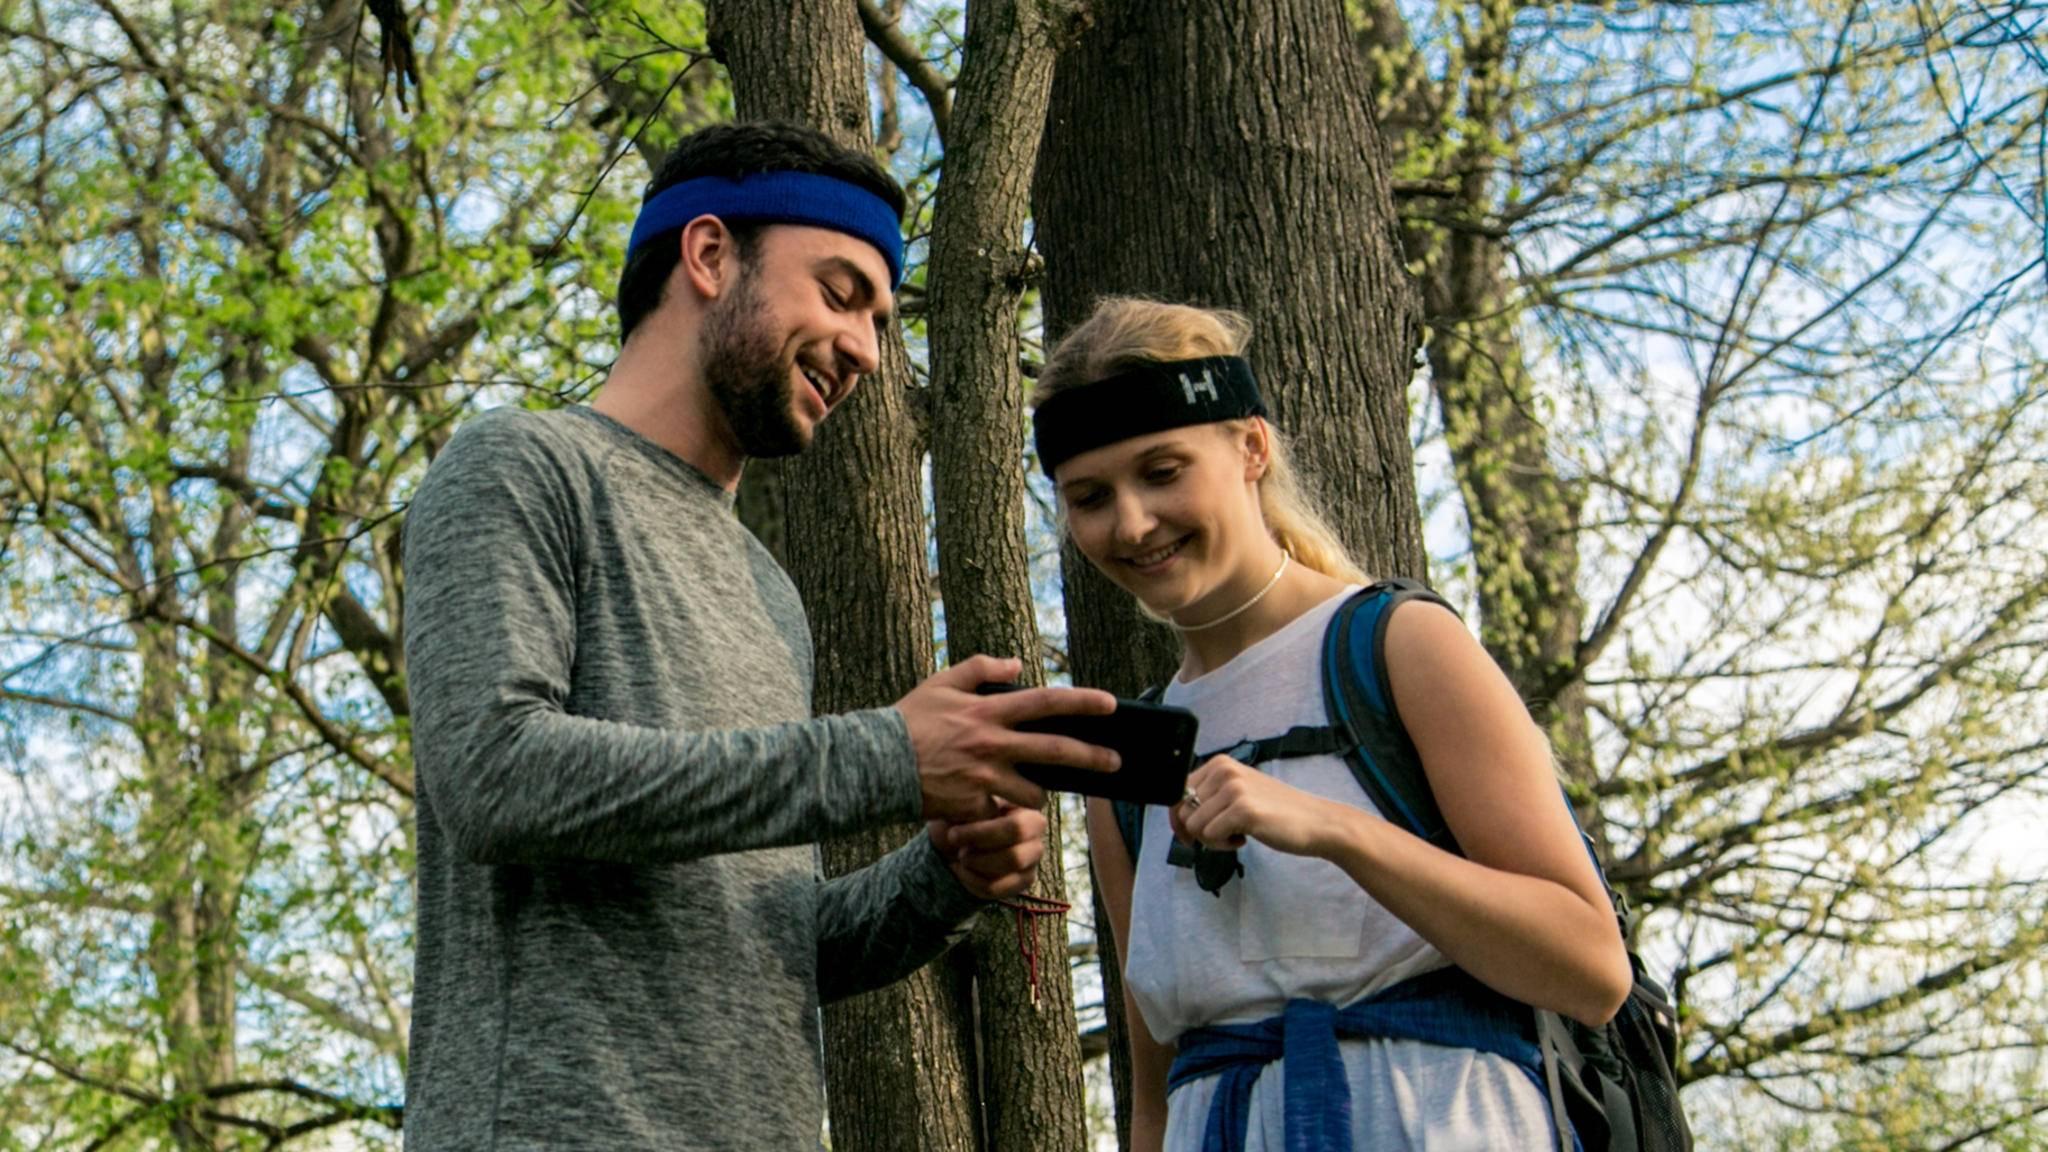 Das HeadNoise Fit sendet Fitnessdaten über Bluetooth an die zugehörige App.